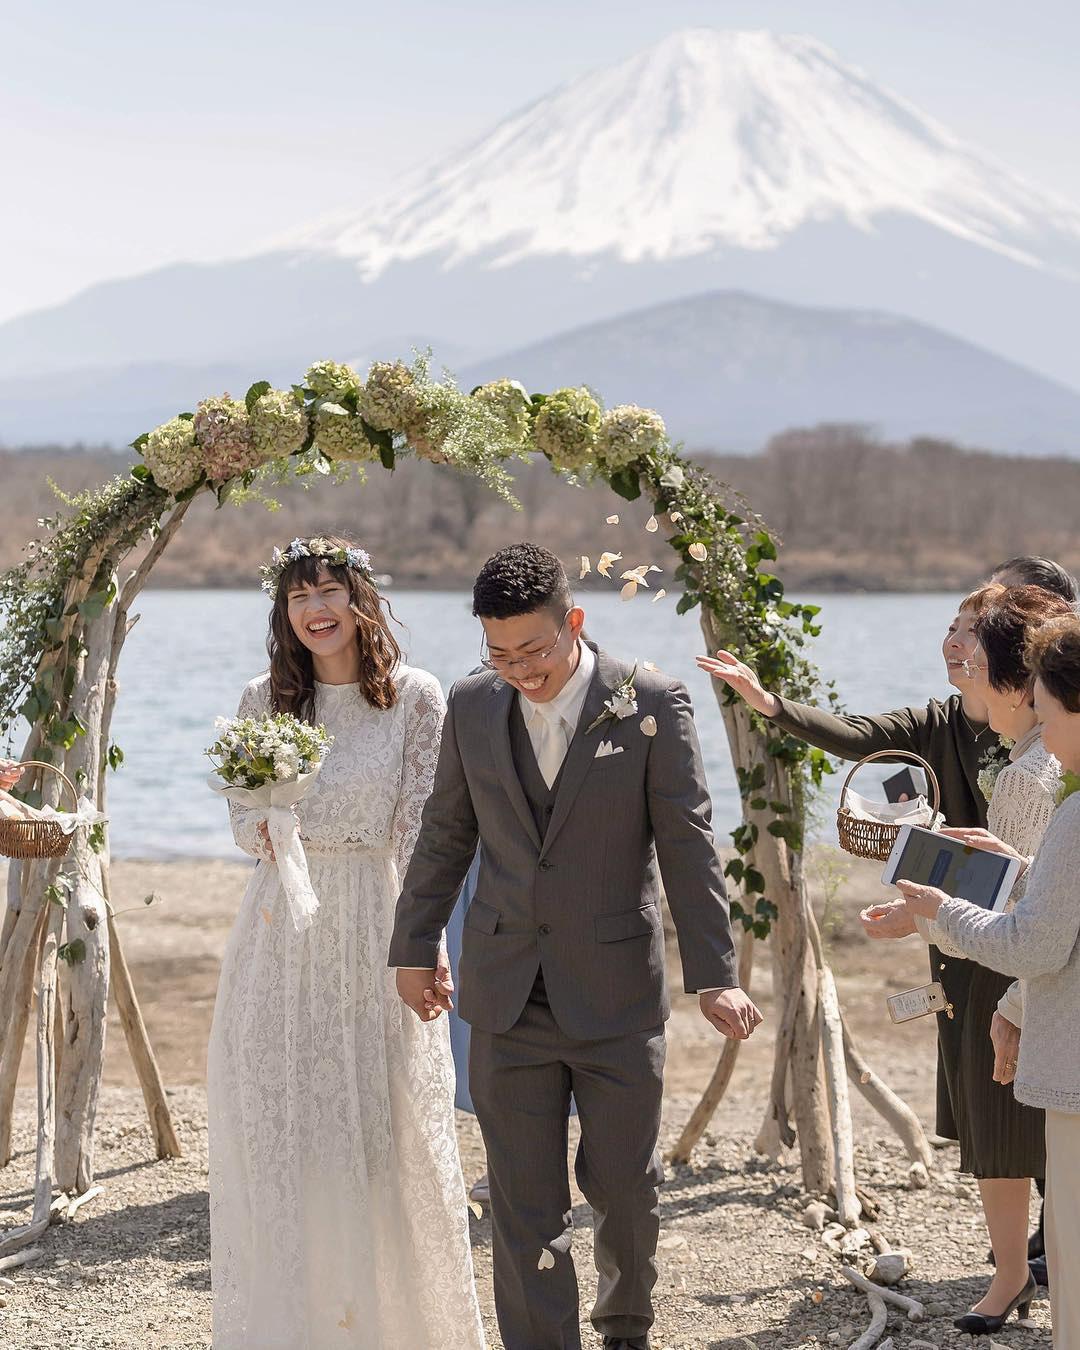 Mẫu váy cưới bán chạy nhất 2019: Mỗi ngày bán được 9 chiếc, khiến các cô dâu trên thế giới phát cuồng - Ảnh 2.